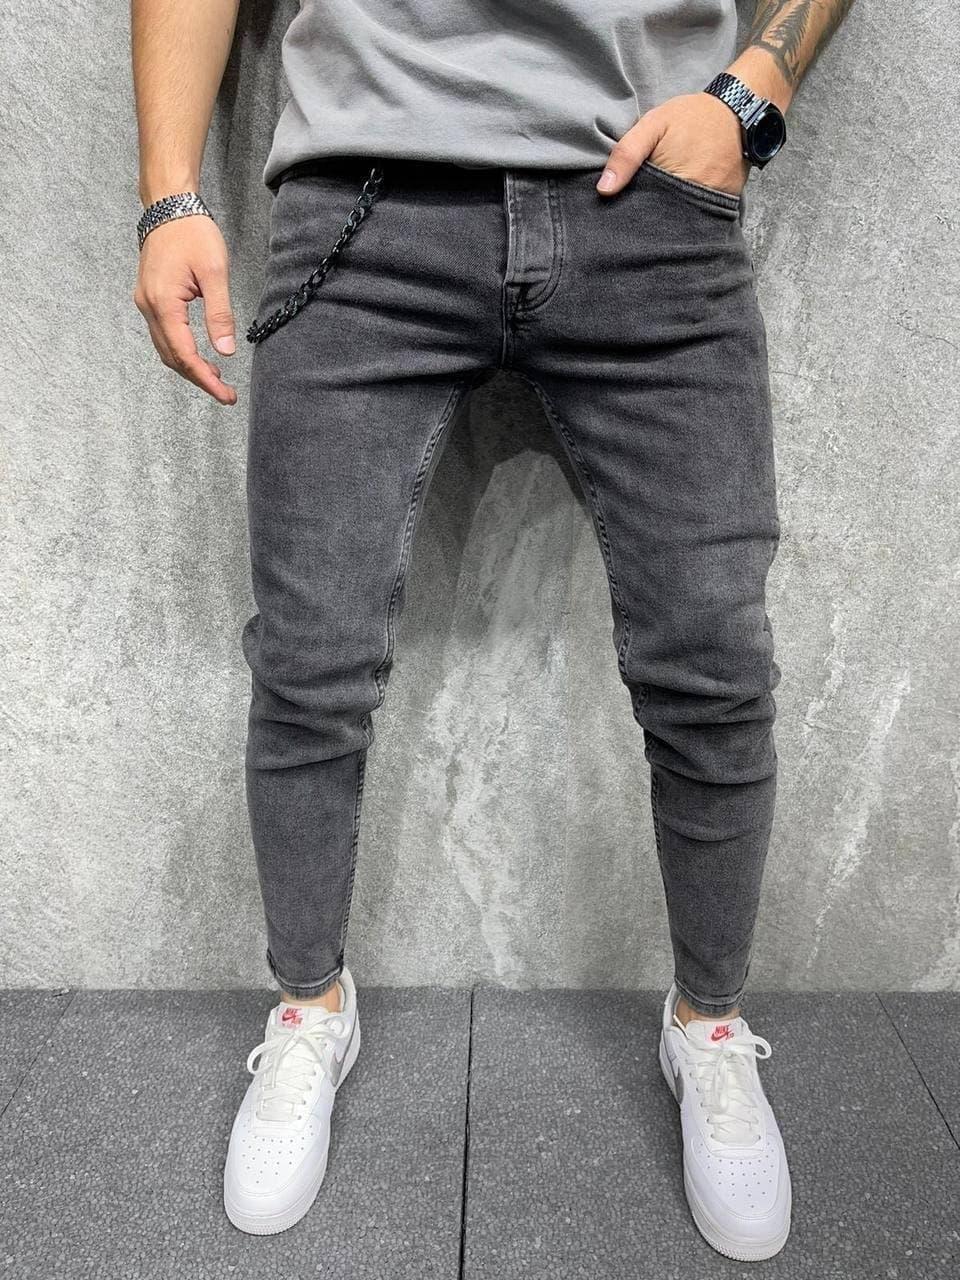 Джинси чоловічі стильні сірого кольору. Штани джинсові чоловічі сірі.